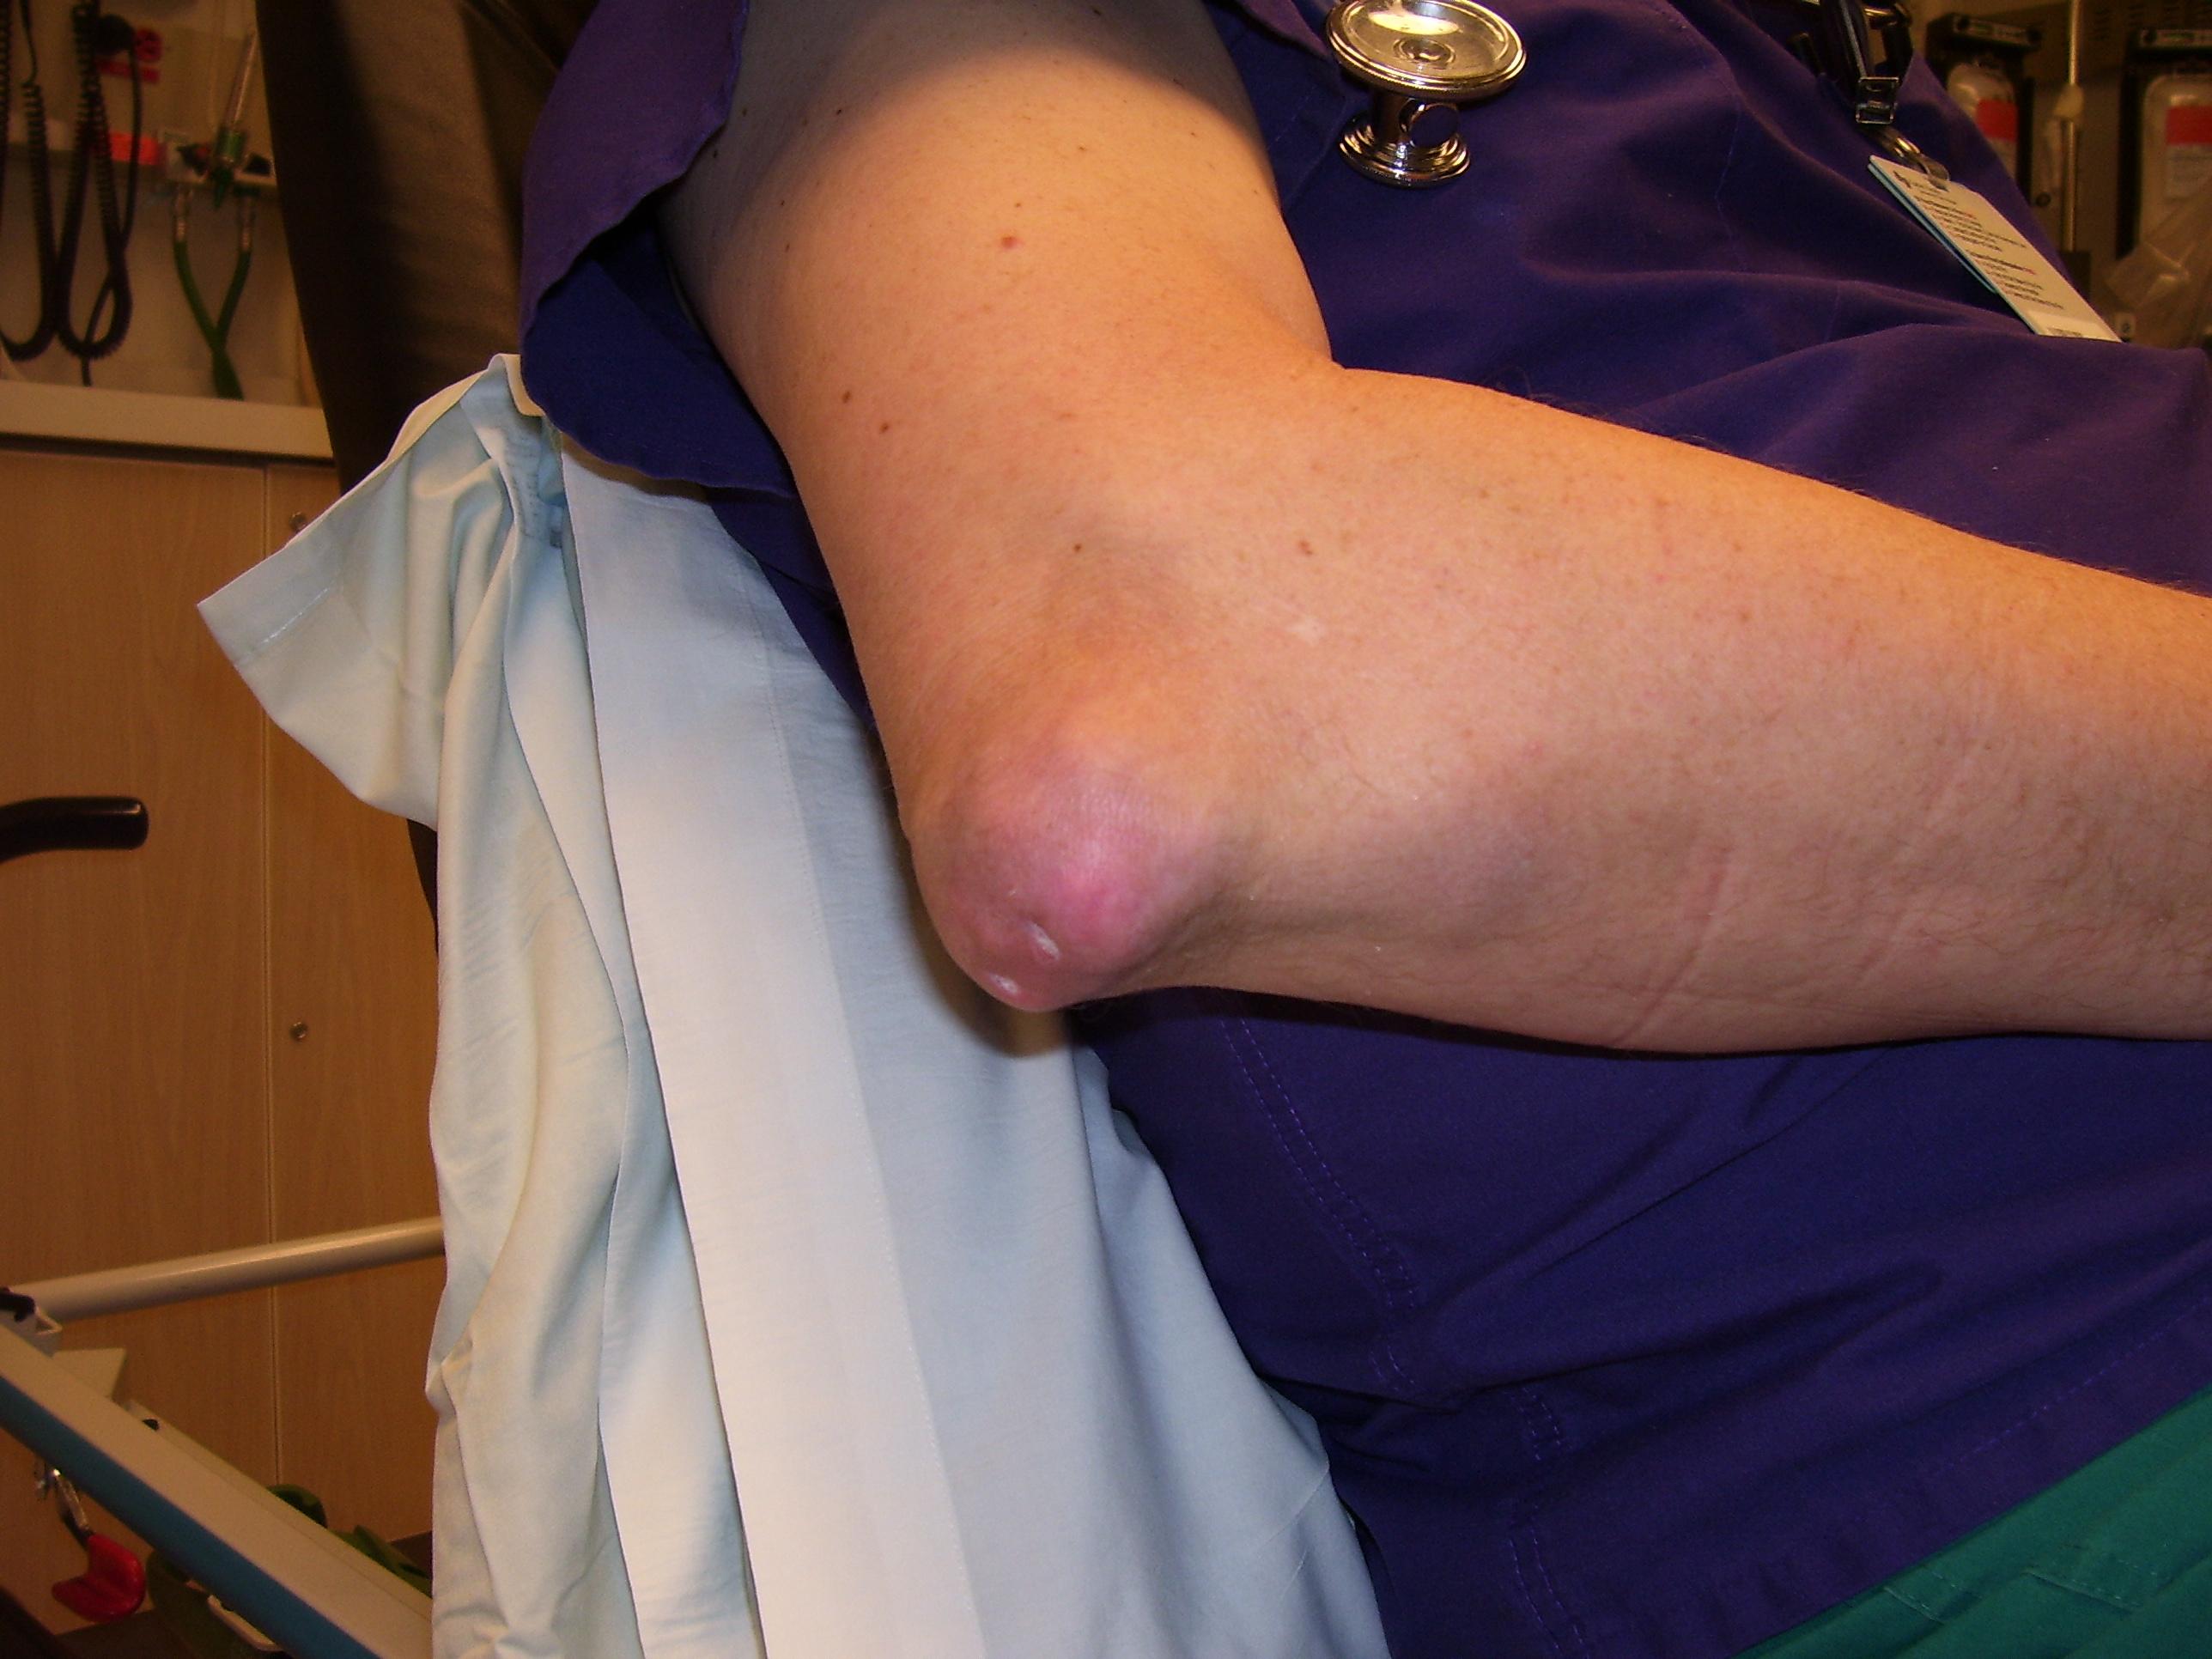 paraziták ízületi fájdalma csípőízület és lábak fájdalma